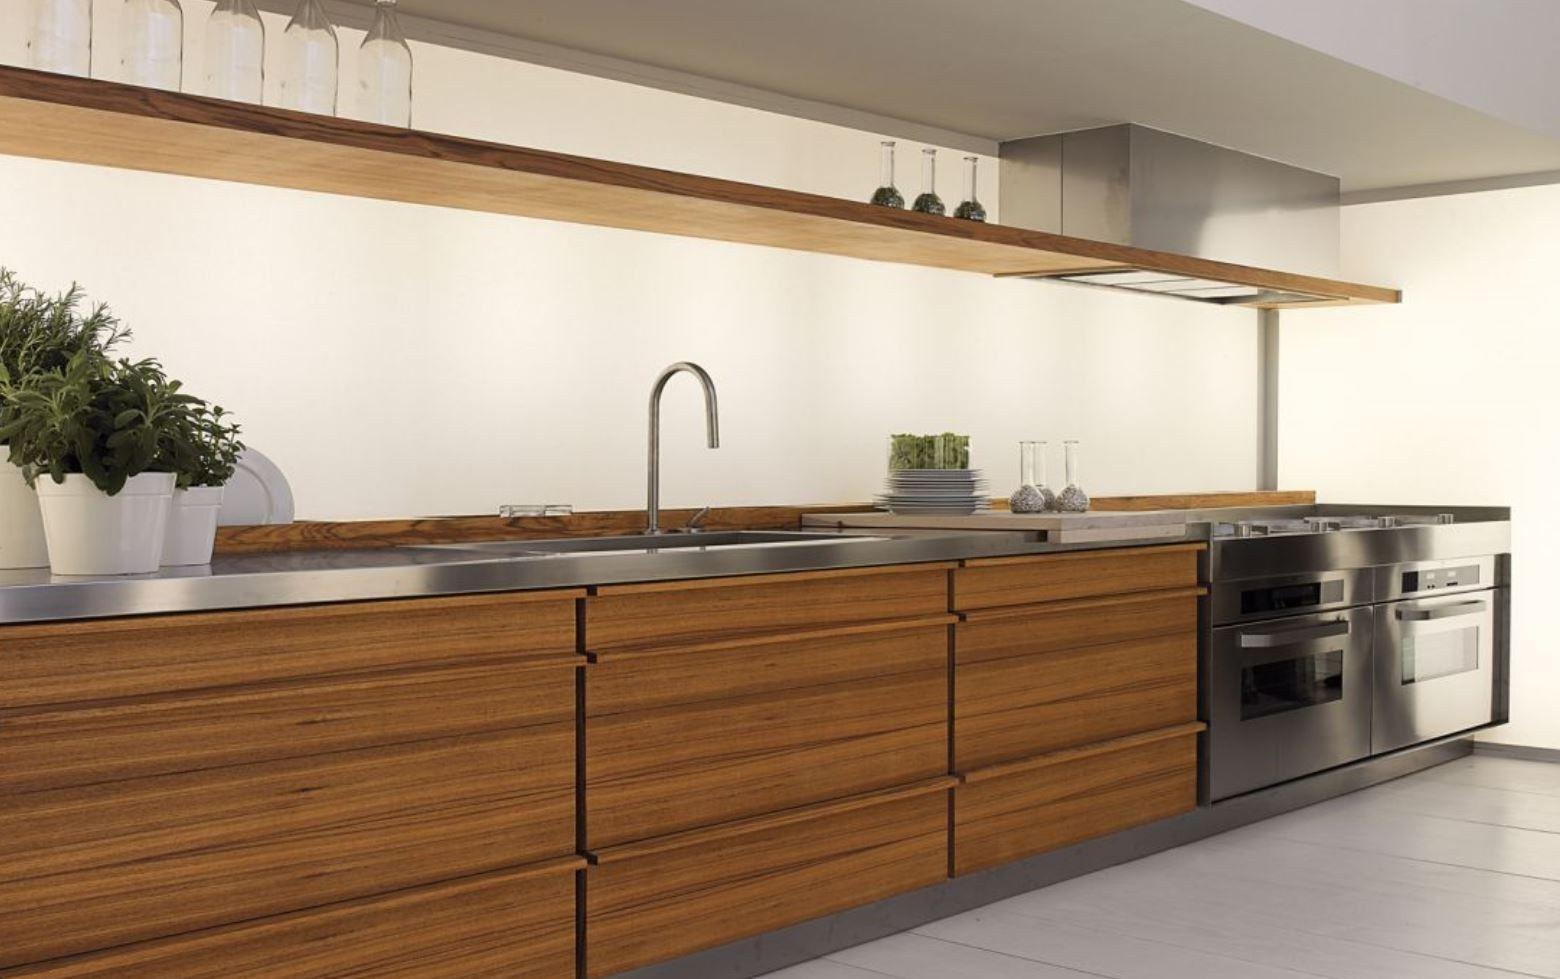 Nett Holzmöbel Design Für Küche Zeitgenössisch - Ideen Für Die Küche ...